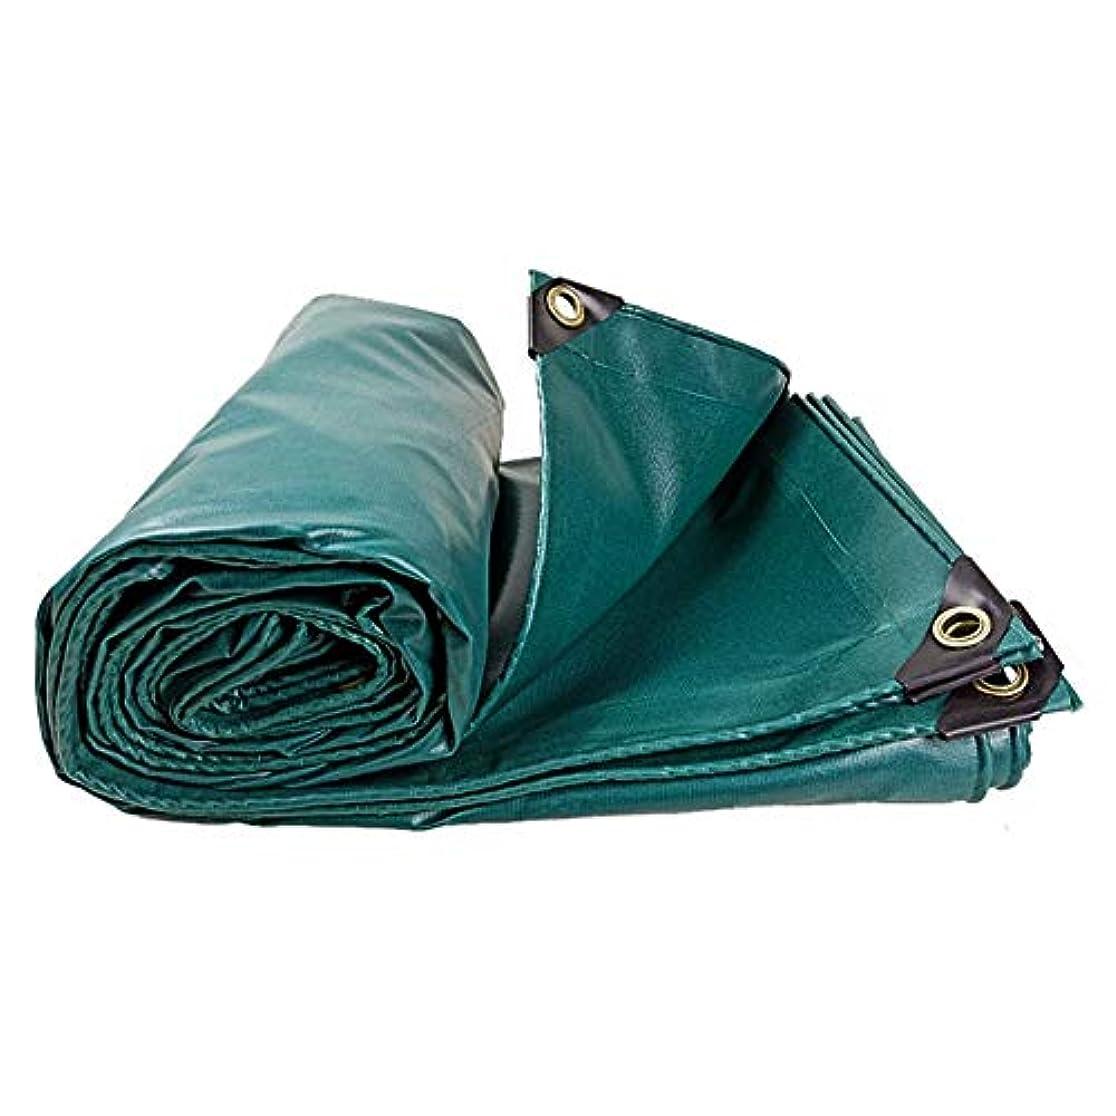 受け入れた耕す幸福ZEMIN オーニング サンシェードテン トタープ シート 両面 防水 ブロッキング熱 暖かくしてください PVC、 マルチサイズ カスタマイズ可能 (色 : 青, サイズ さいず : 2.85x3.85m)